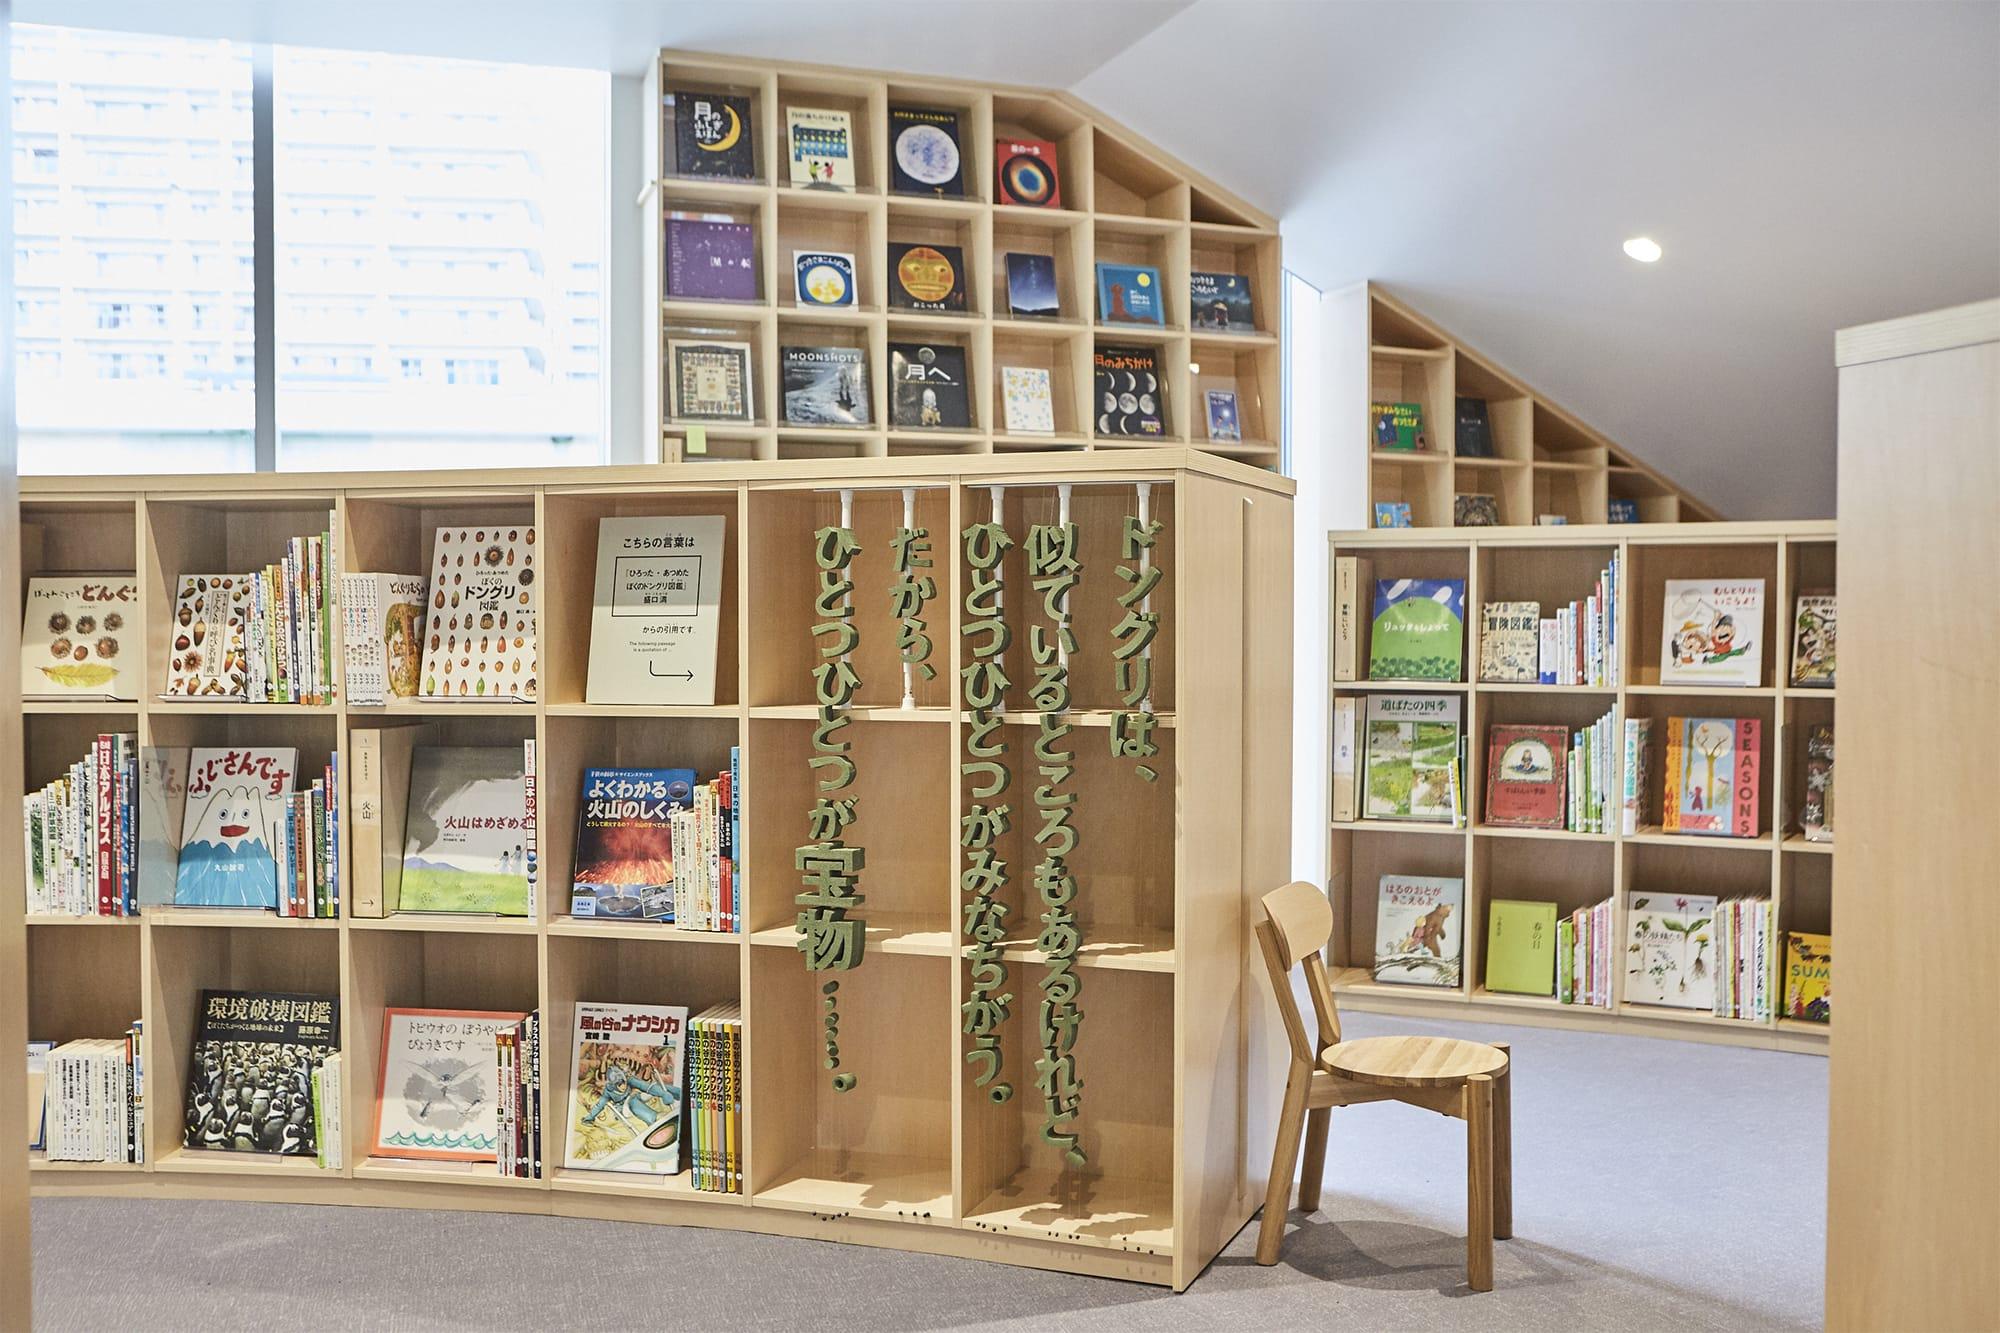 こどもの心に寄り添うような多種多様な本がセレクトされ、12のテーマに沿って配架されている。